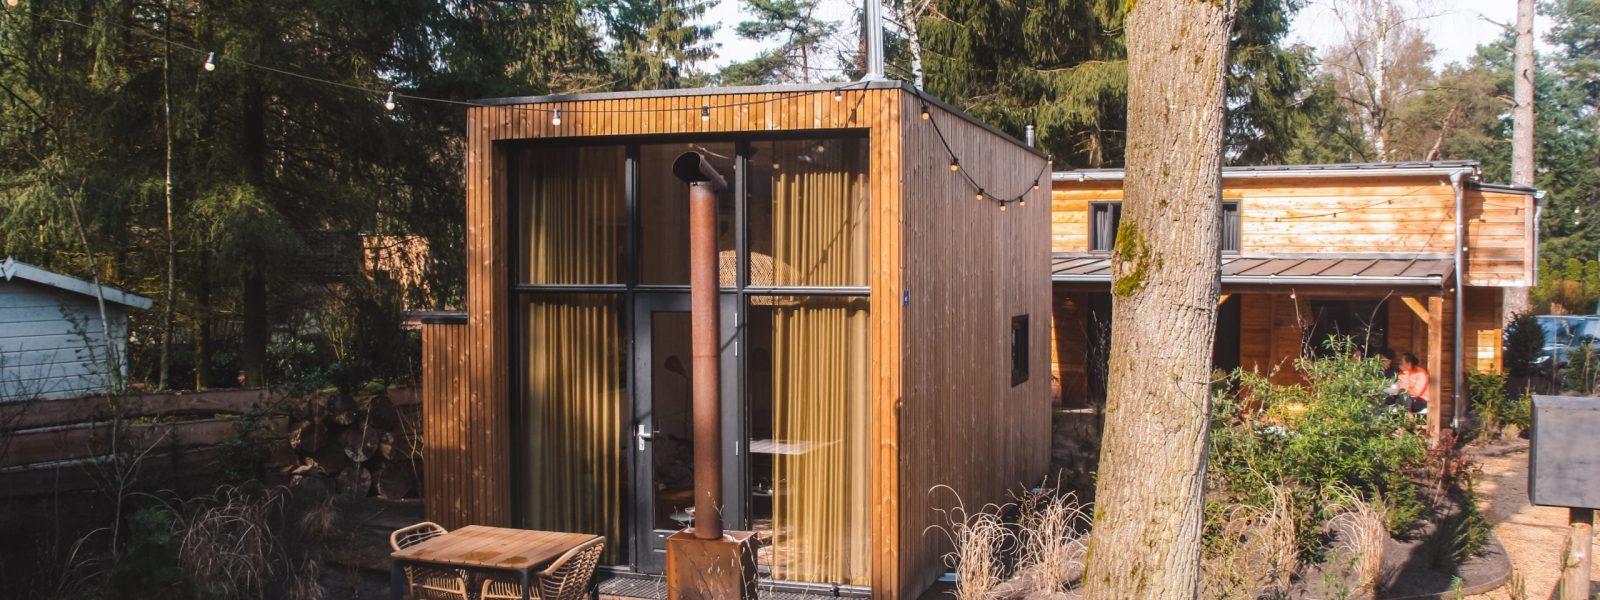 De Kleine Beer: ultiem tiny house op de Veluwe